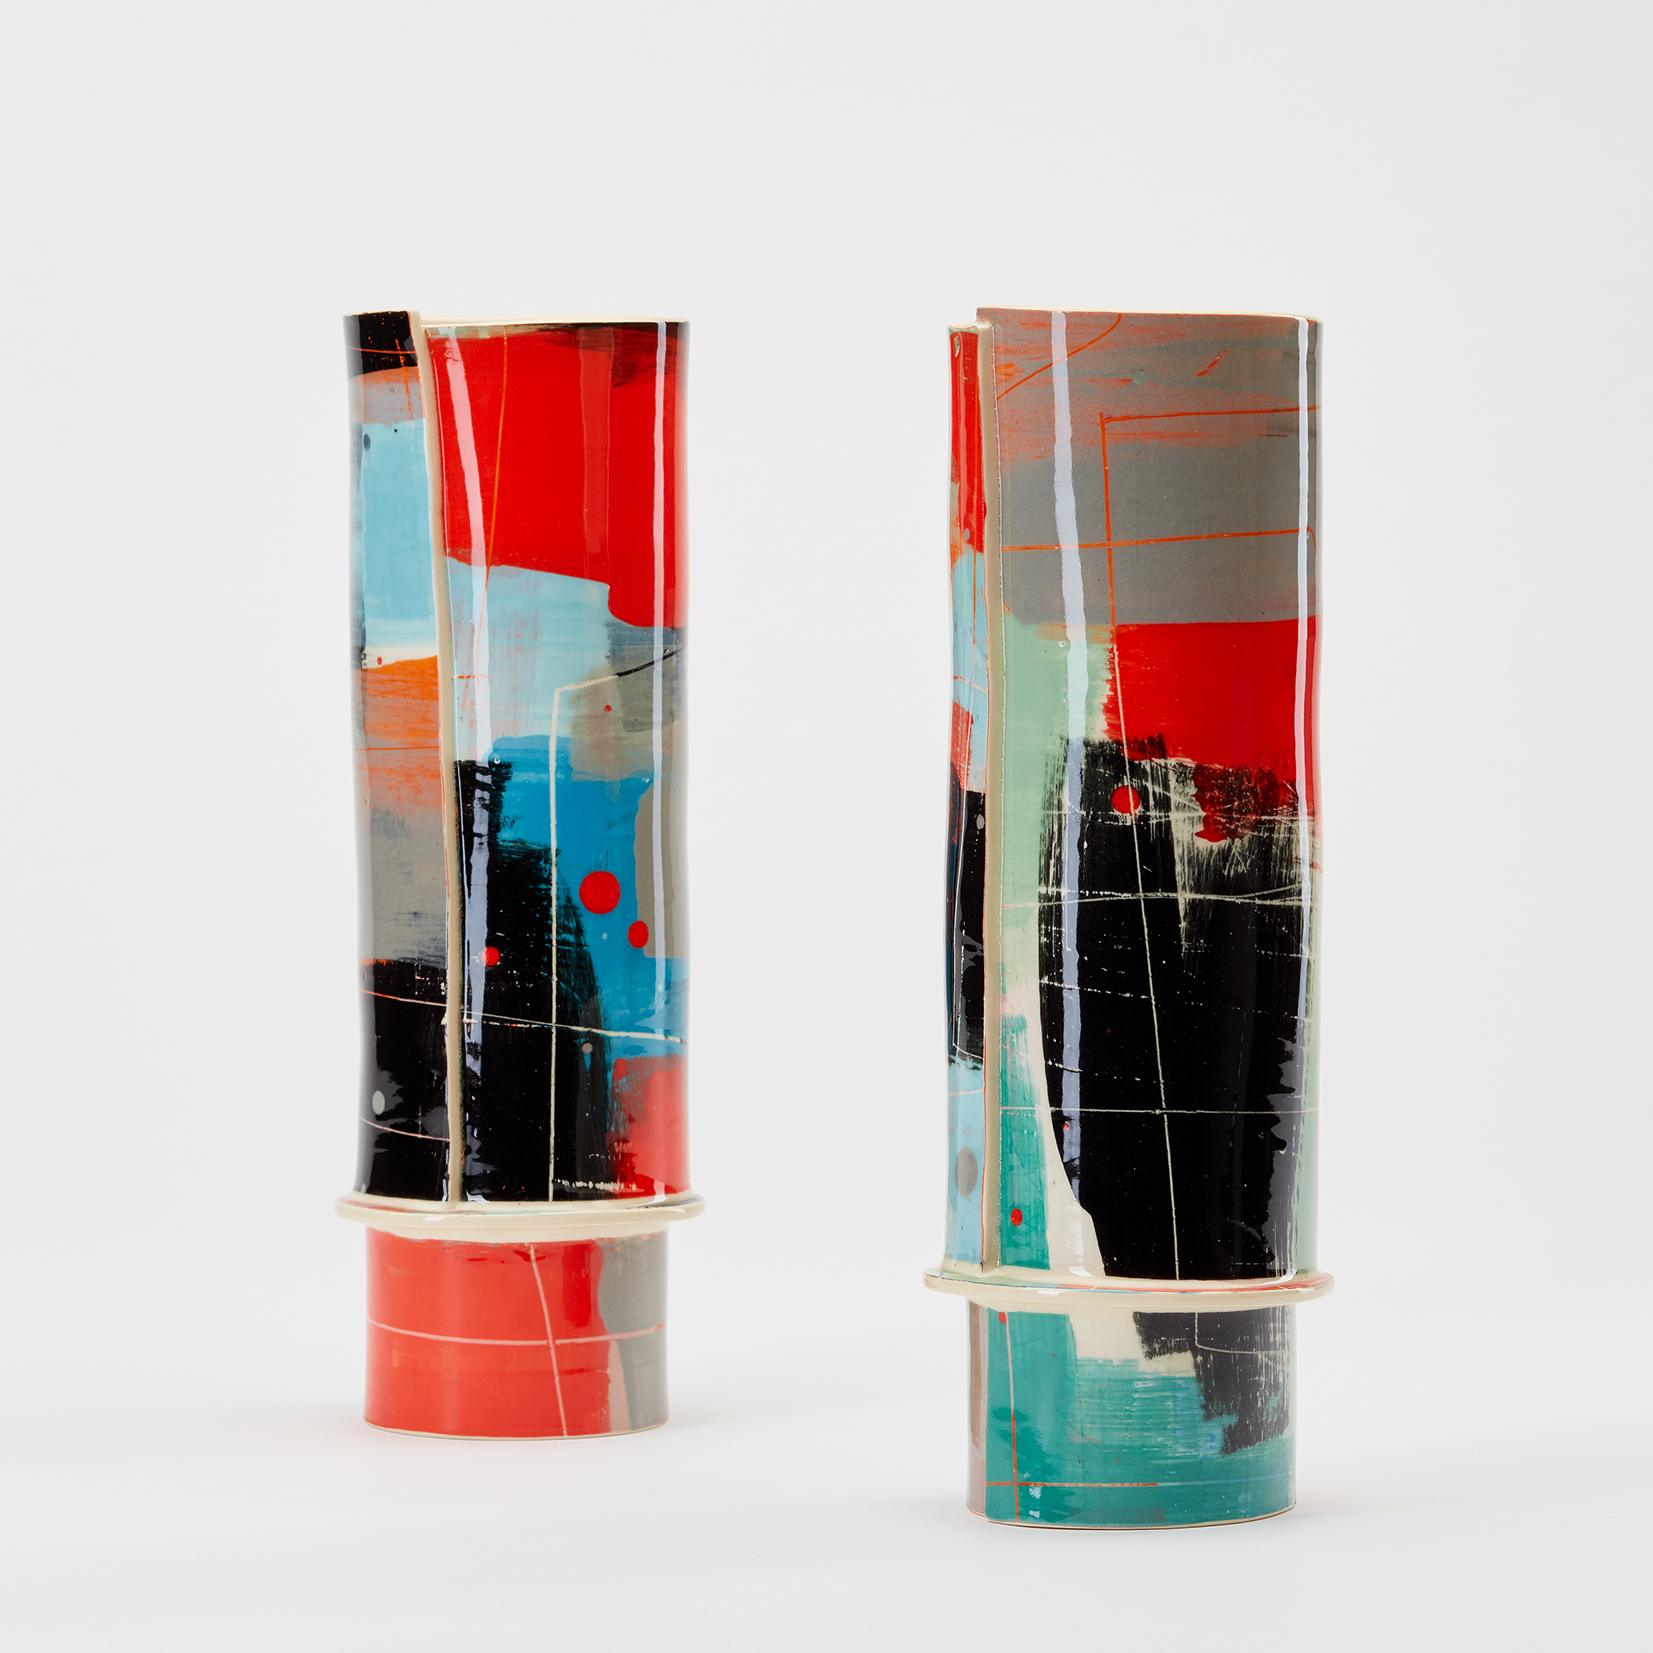 Ceramics by Elke Sada